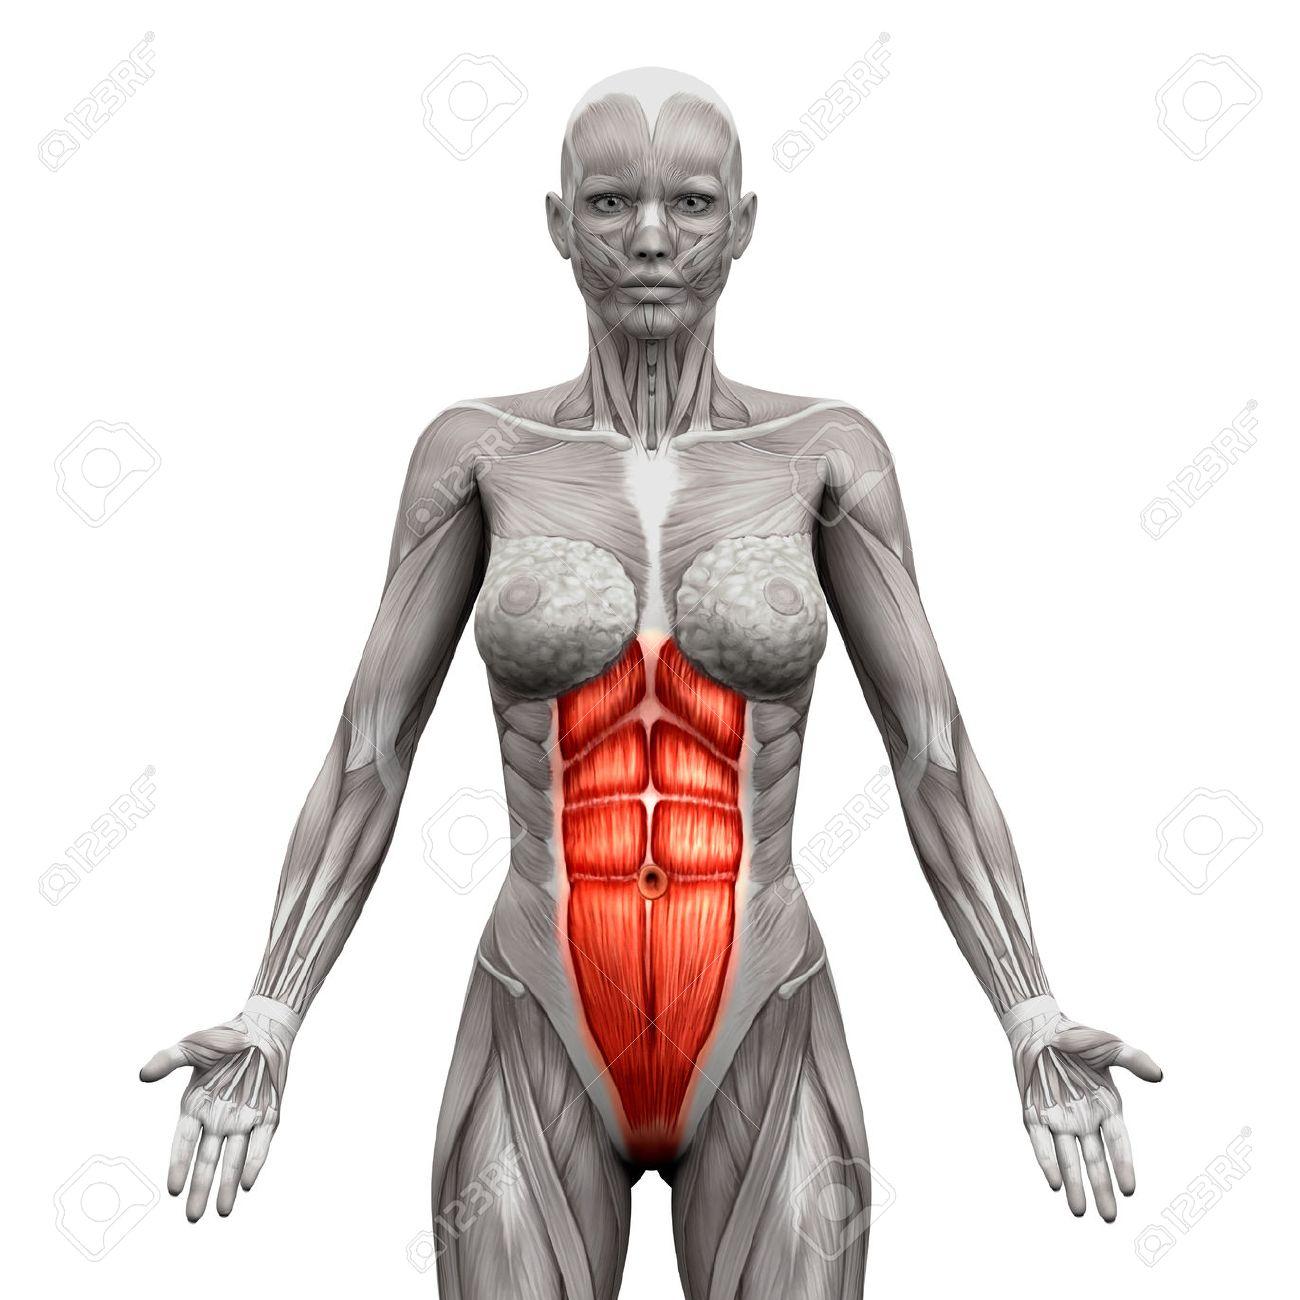 Rectus Abdominis - Bauchmuskeln - Anatomie Muskeln Isoliert Auf Weiß ...